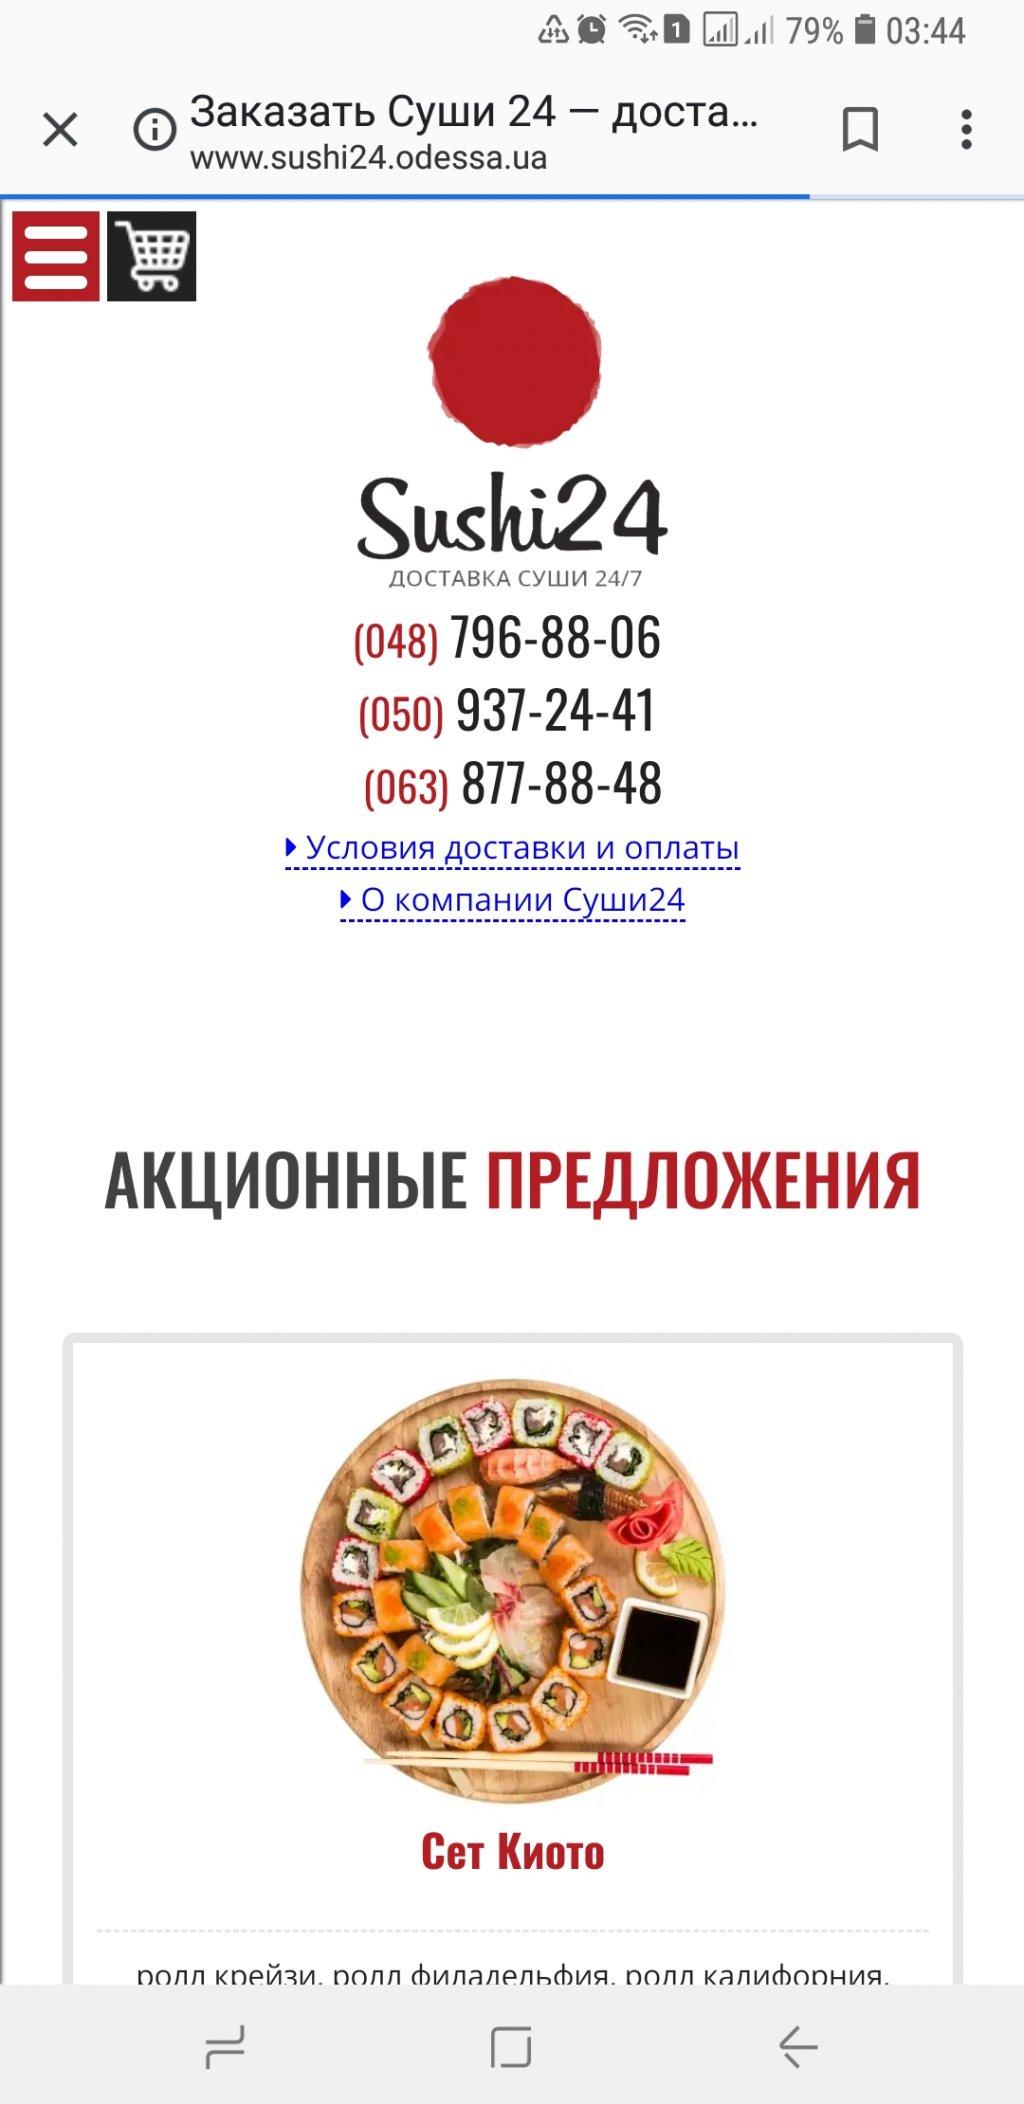 Суши 24 Одесса - НИКОГДА ТУТ НЕ ЗАКАЗЫВАЙТЕ!!!!!!!!